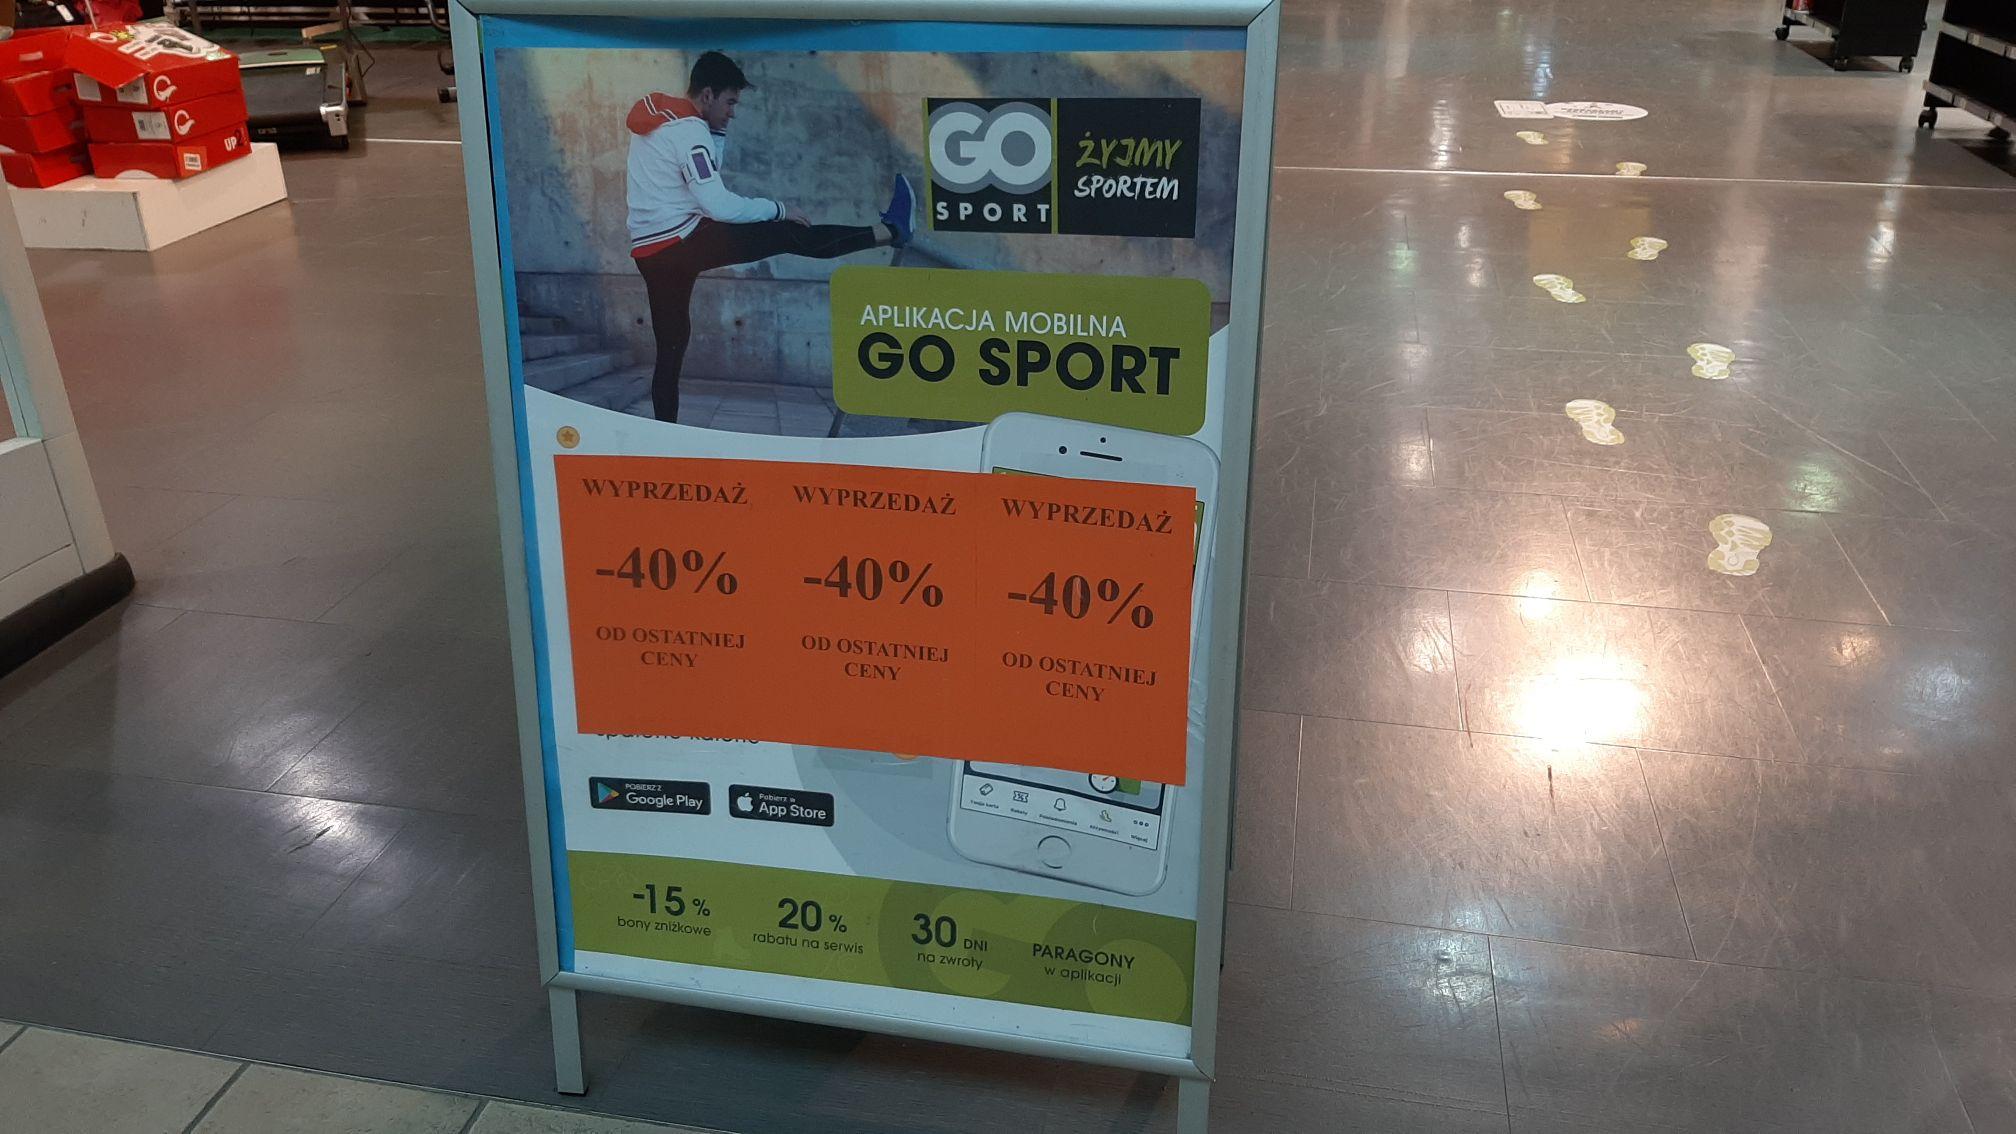 Likwidacja Go Sport w M1 Krakow!